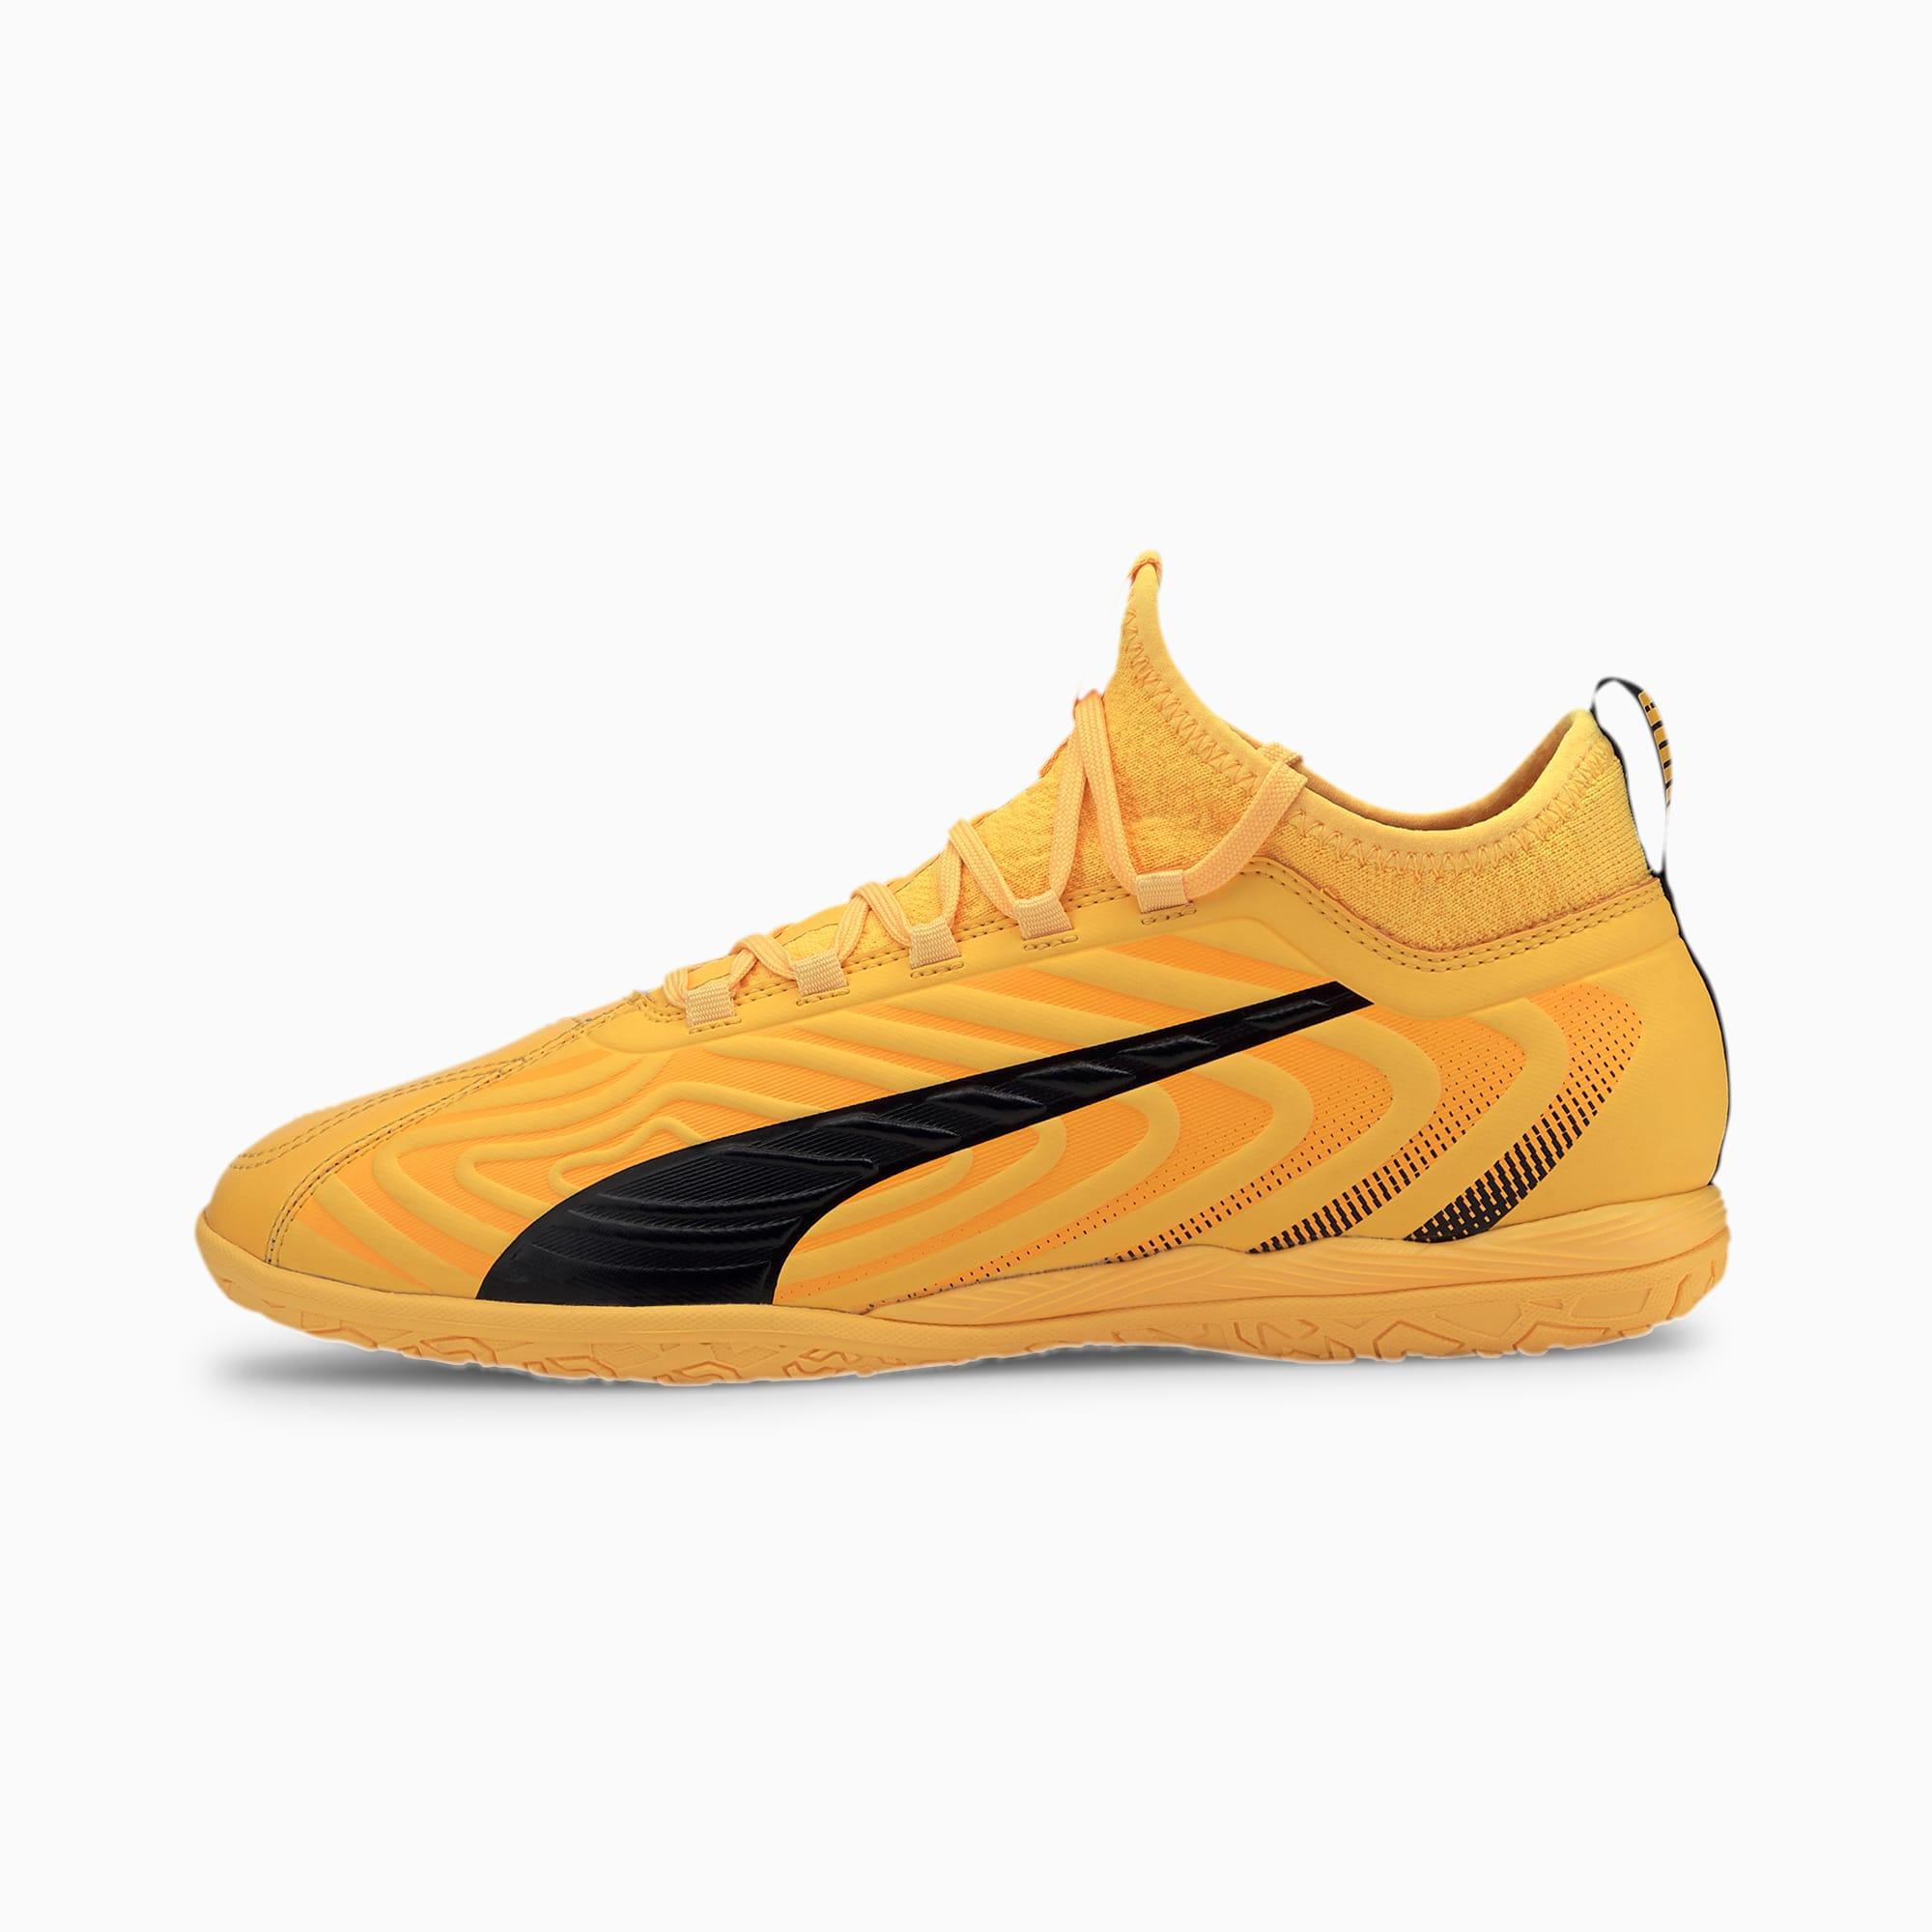 PUMA ONE 20.3 IT Men's Soccer Shoes